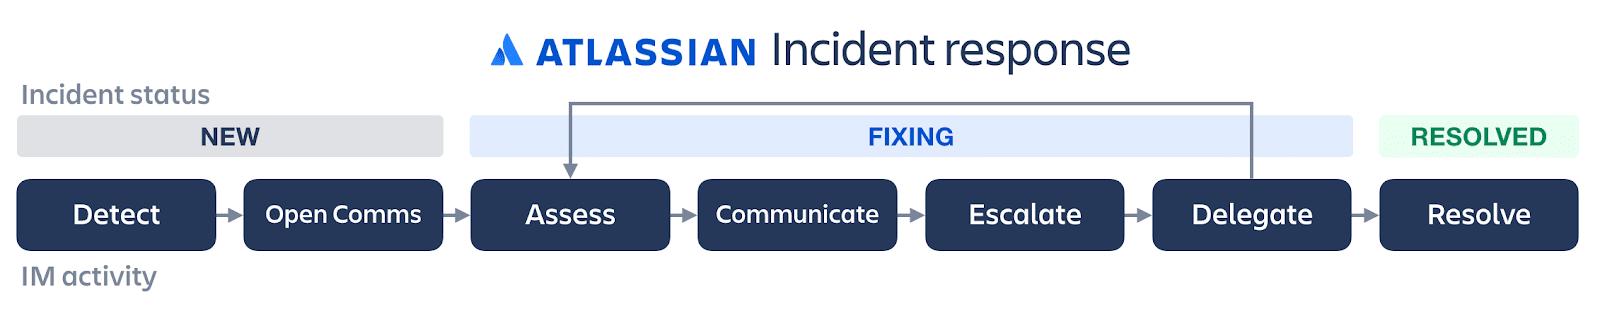 Lebenszyklusdiagramm für die Incident Response von Atlassian